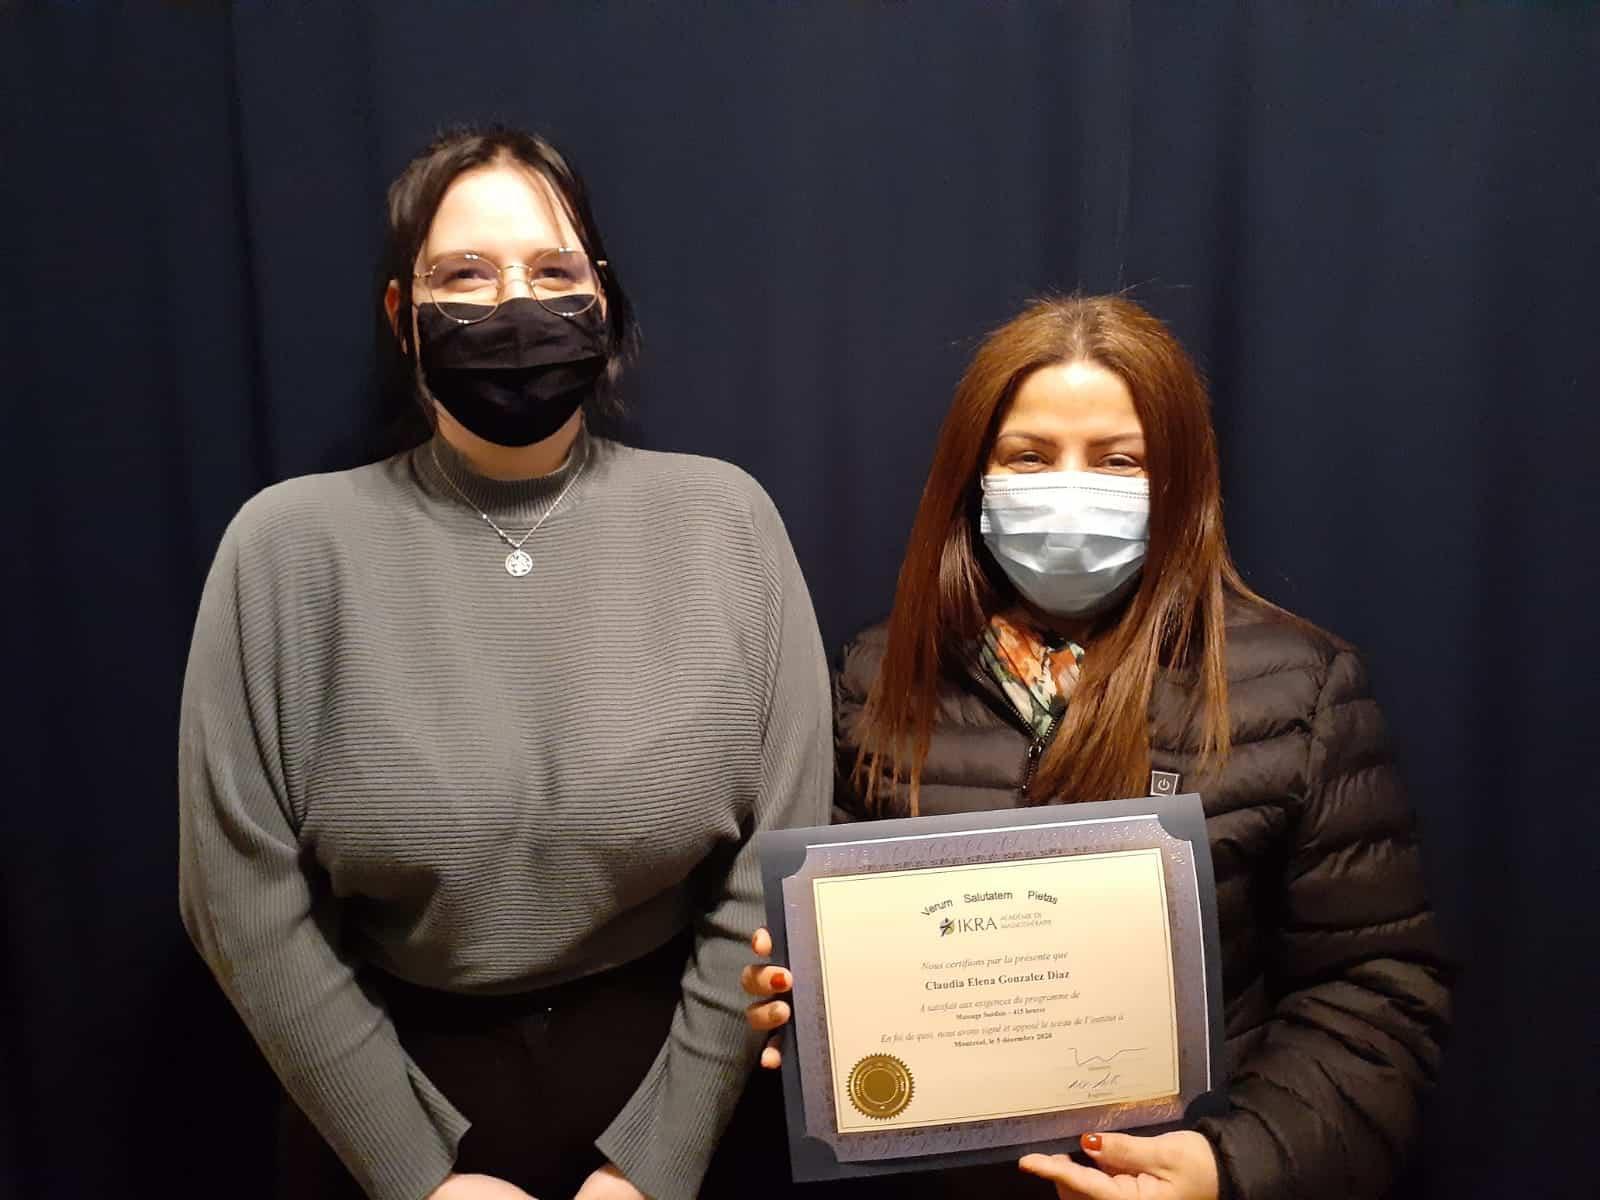 Claudia Elena Gonzales Diaz reçoit son diplôme de l'académie de massothérapie IKRA.